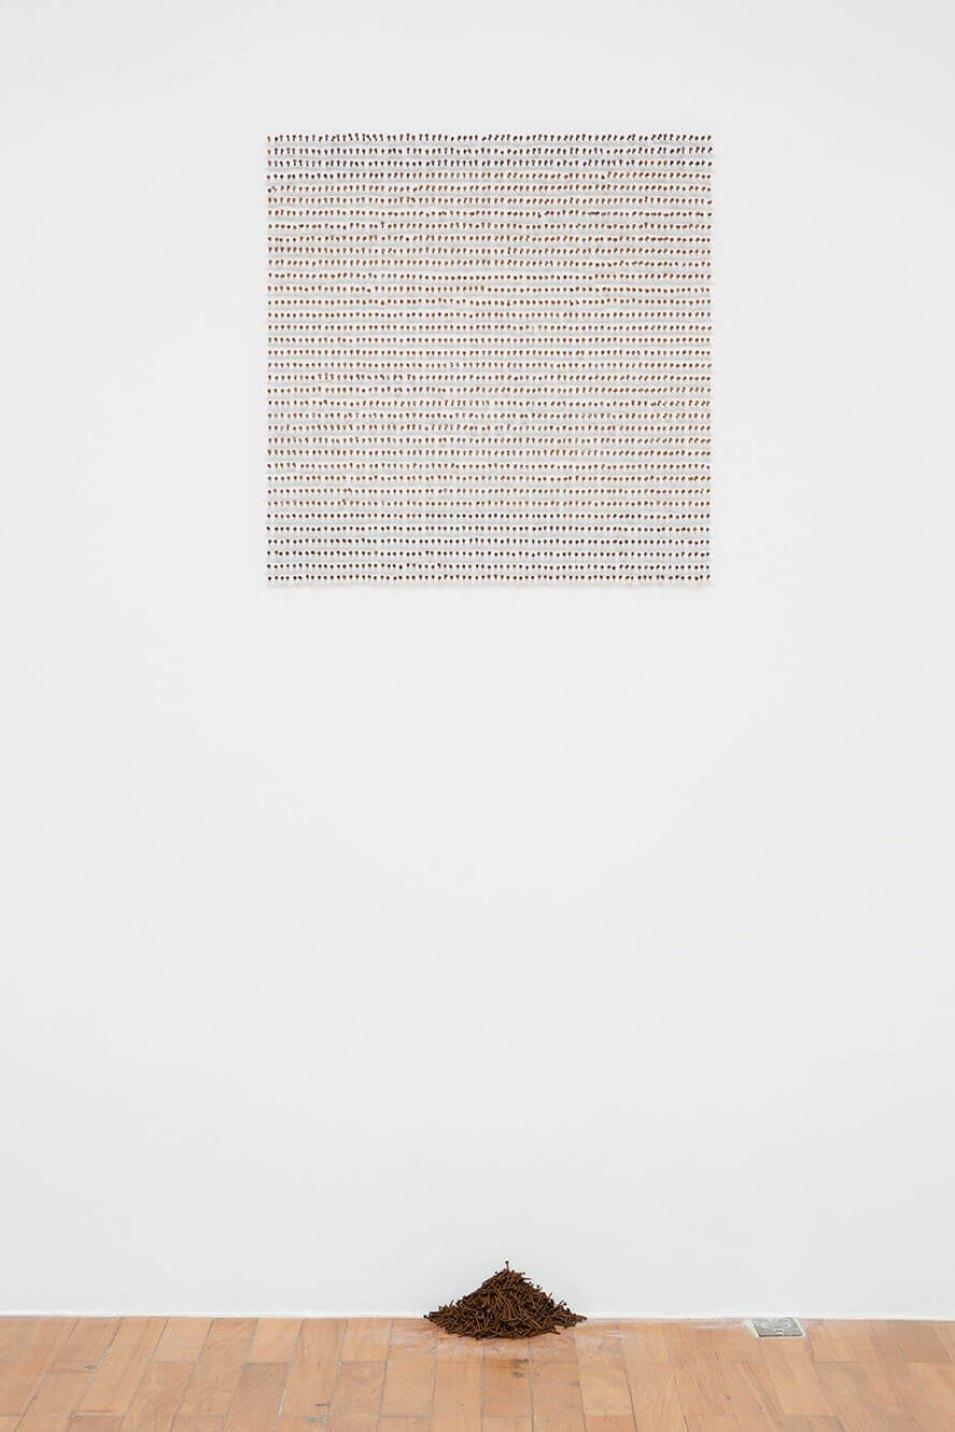 Antônio Obá, <em>Pregação</em>, 2015, rusty nails, 70 × 70 cm - Mendes Wood DM